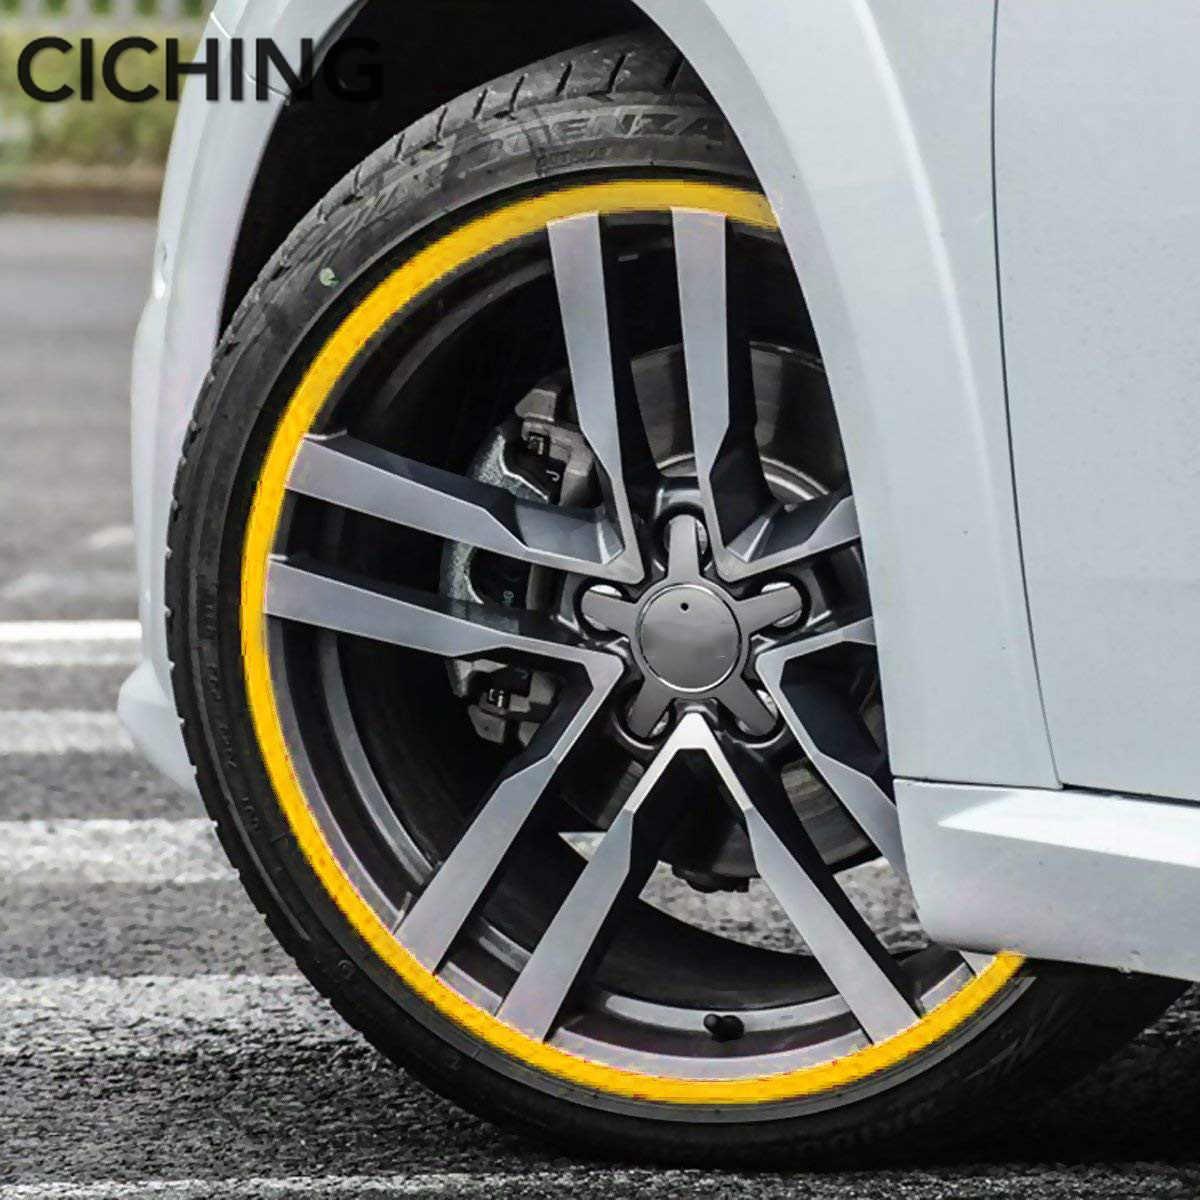 16 полоски Наклейка для колес светоотражающий обод полоса лента мопед мотоцикл автомобиль 17 18 дюймов